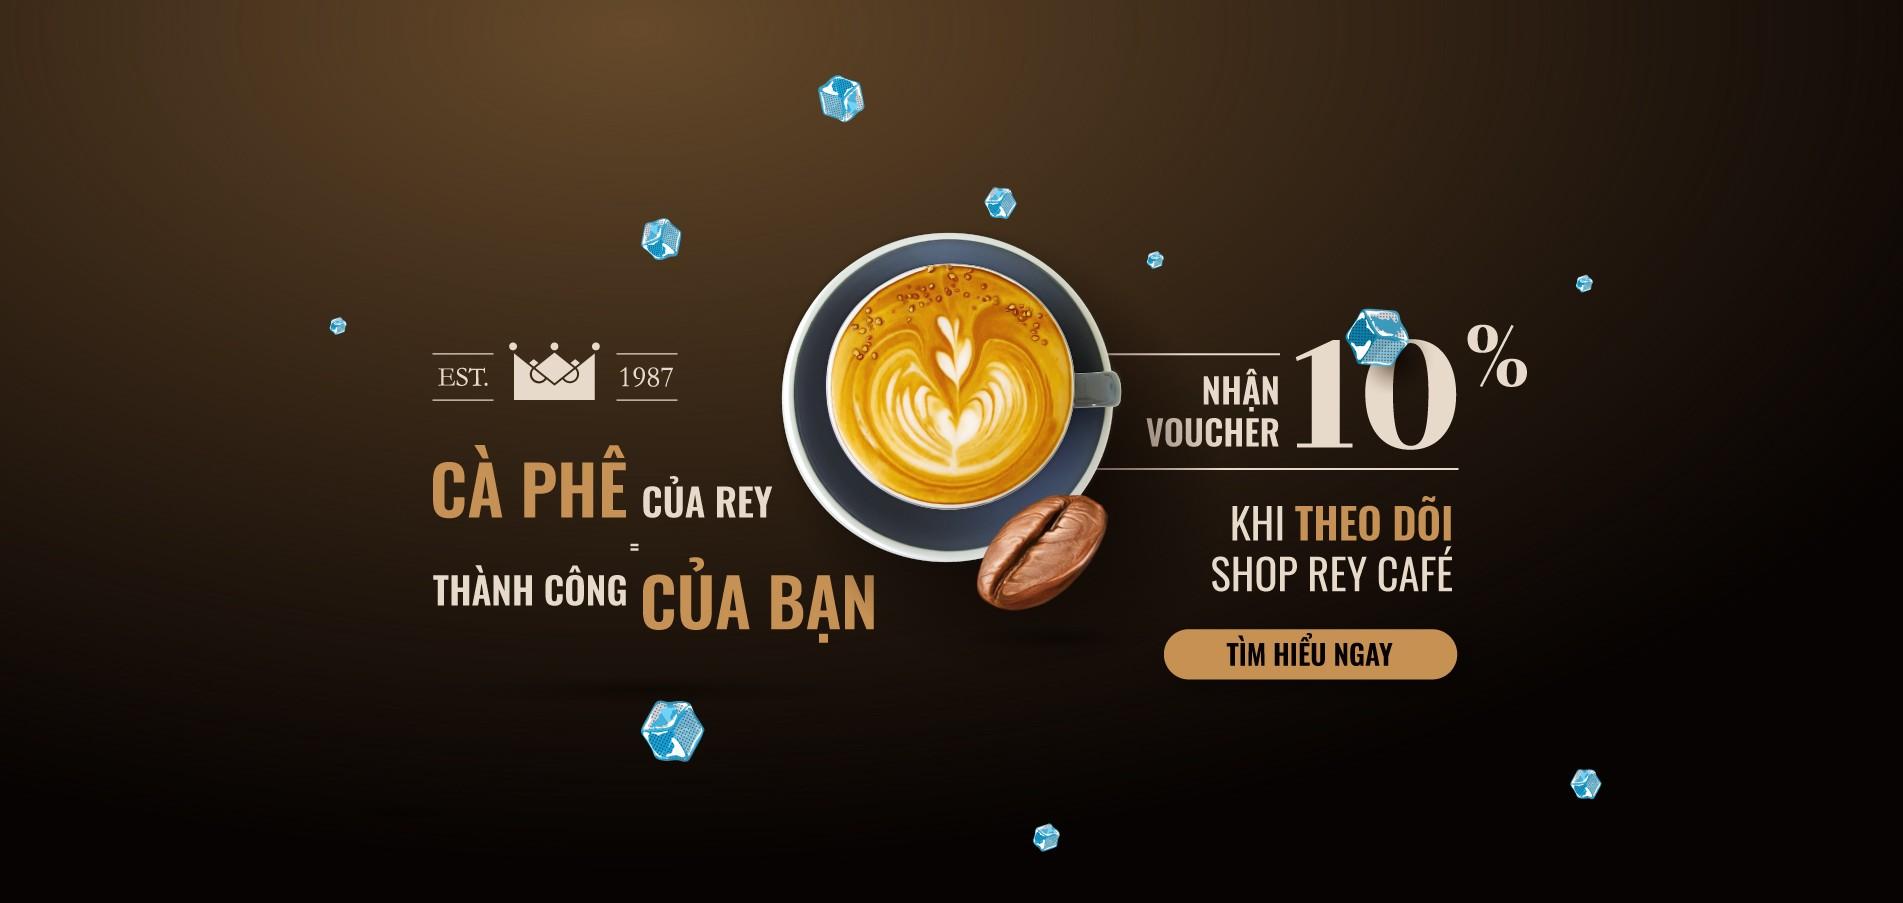 Chào mừng đến với trang kinh doanh cà phê nguyên chất sỉ & lẻ của Rey Cafe